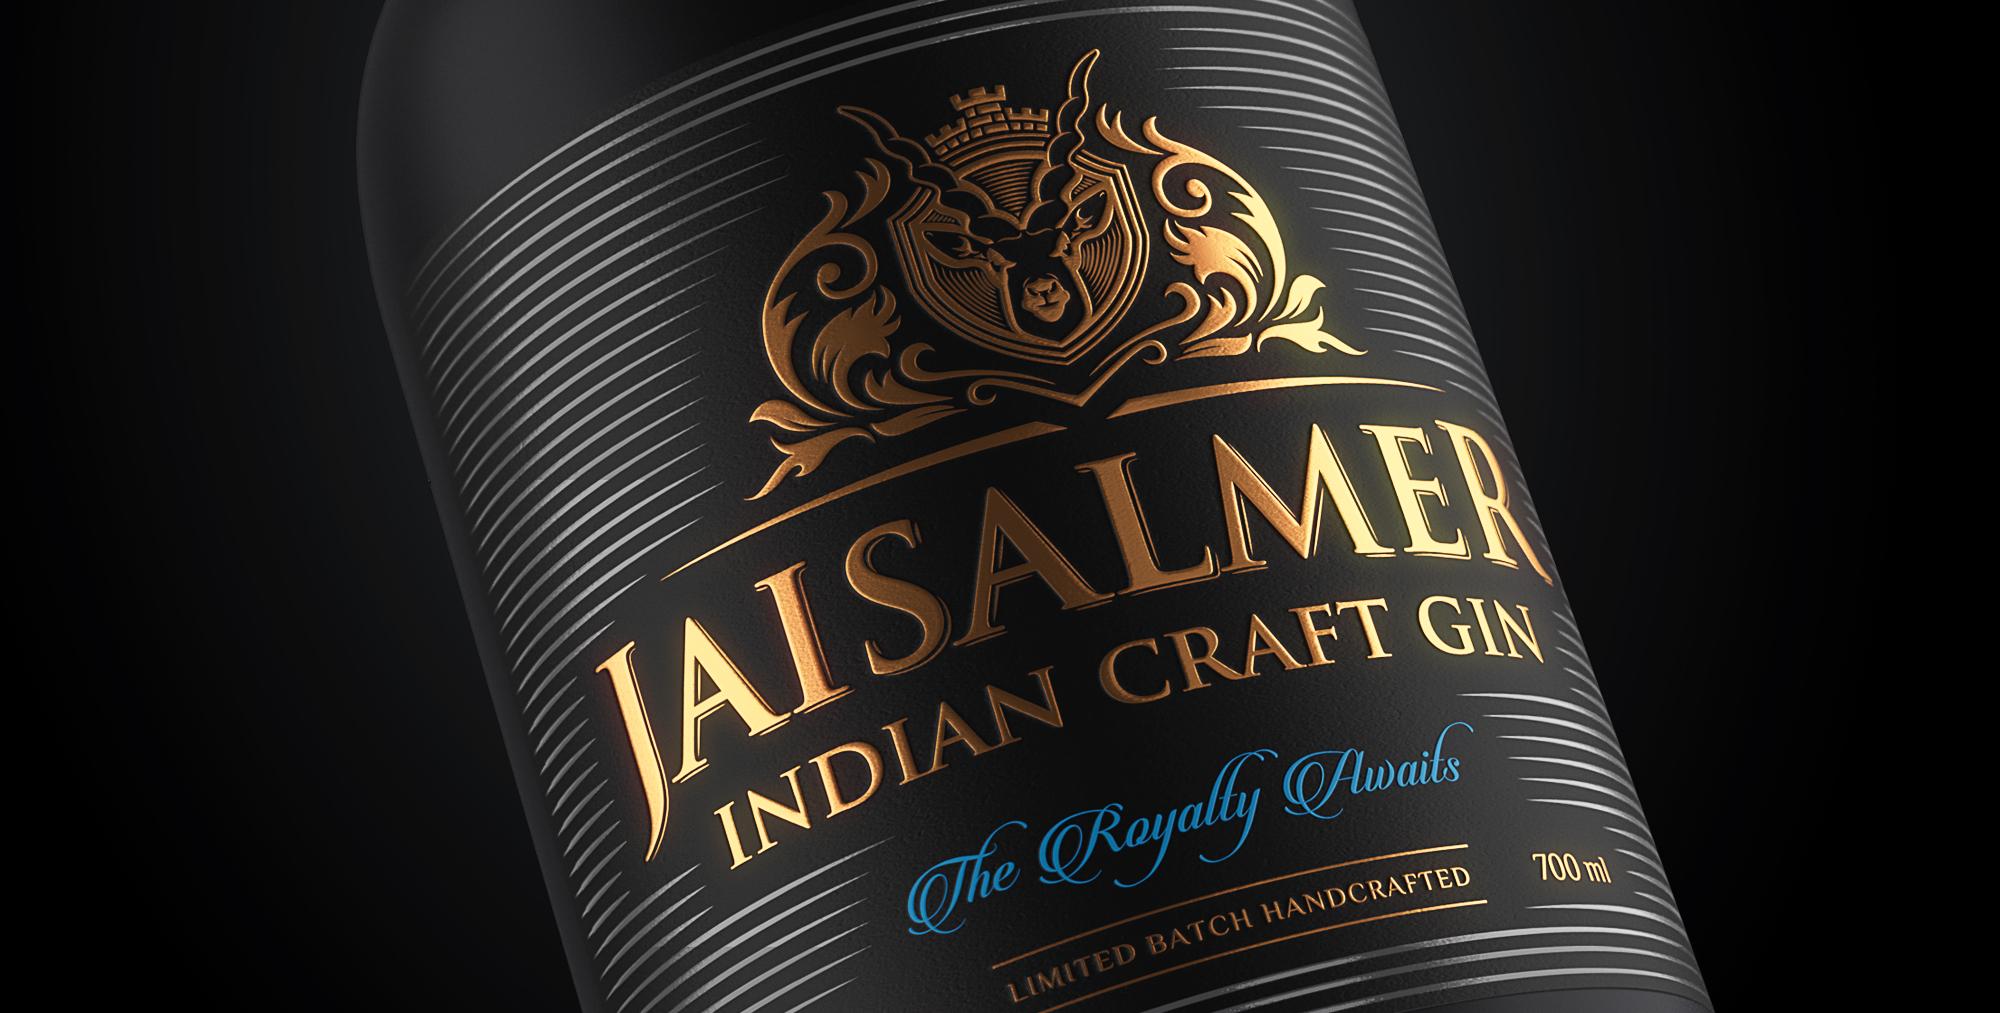 Jaisalmer Craft Gin Designed by Firstbase